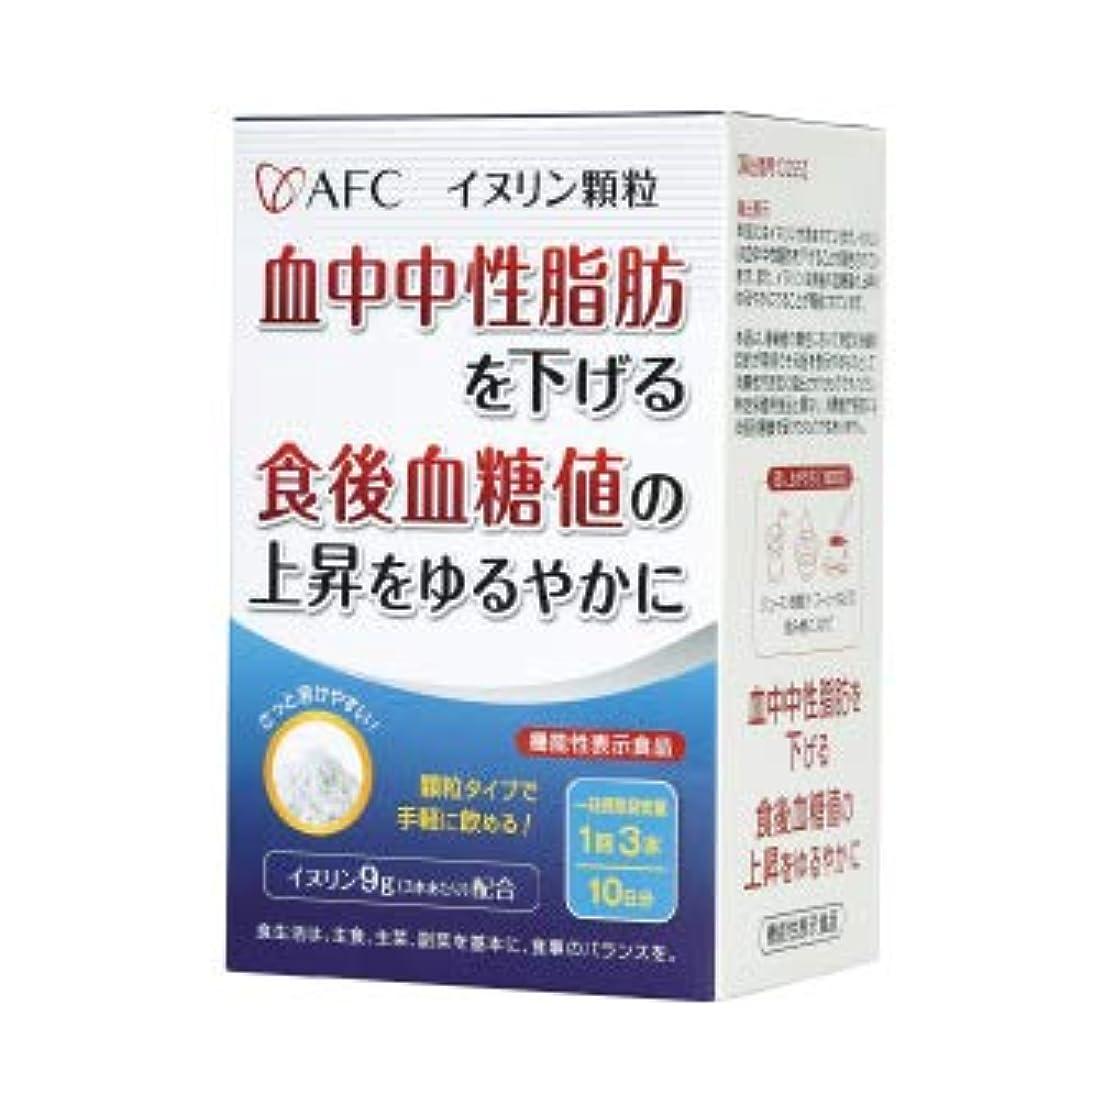 威する童謡繁雑【AFC公式ショップ】[機能性表示食品]イヌリン 10日分